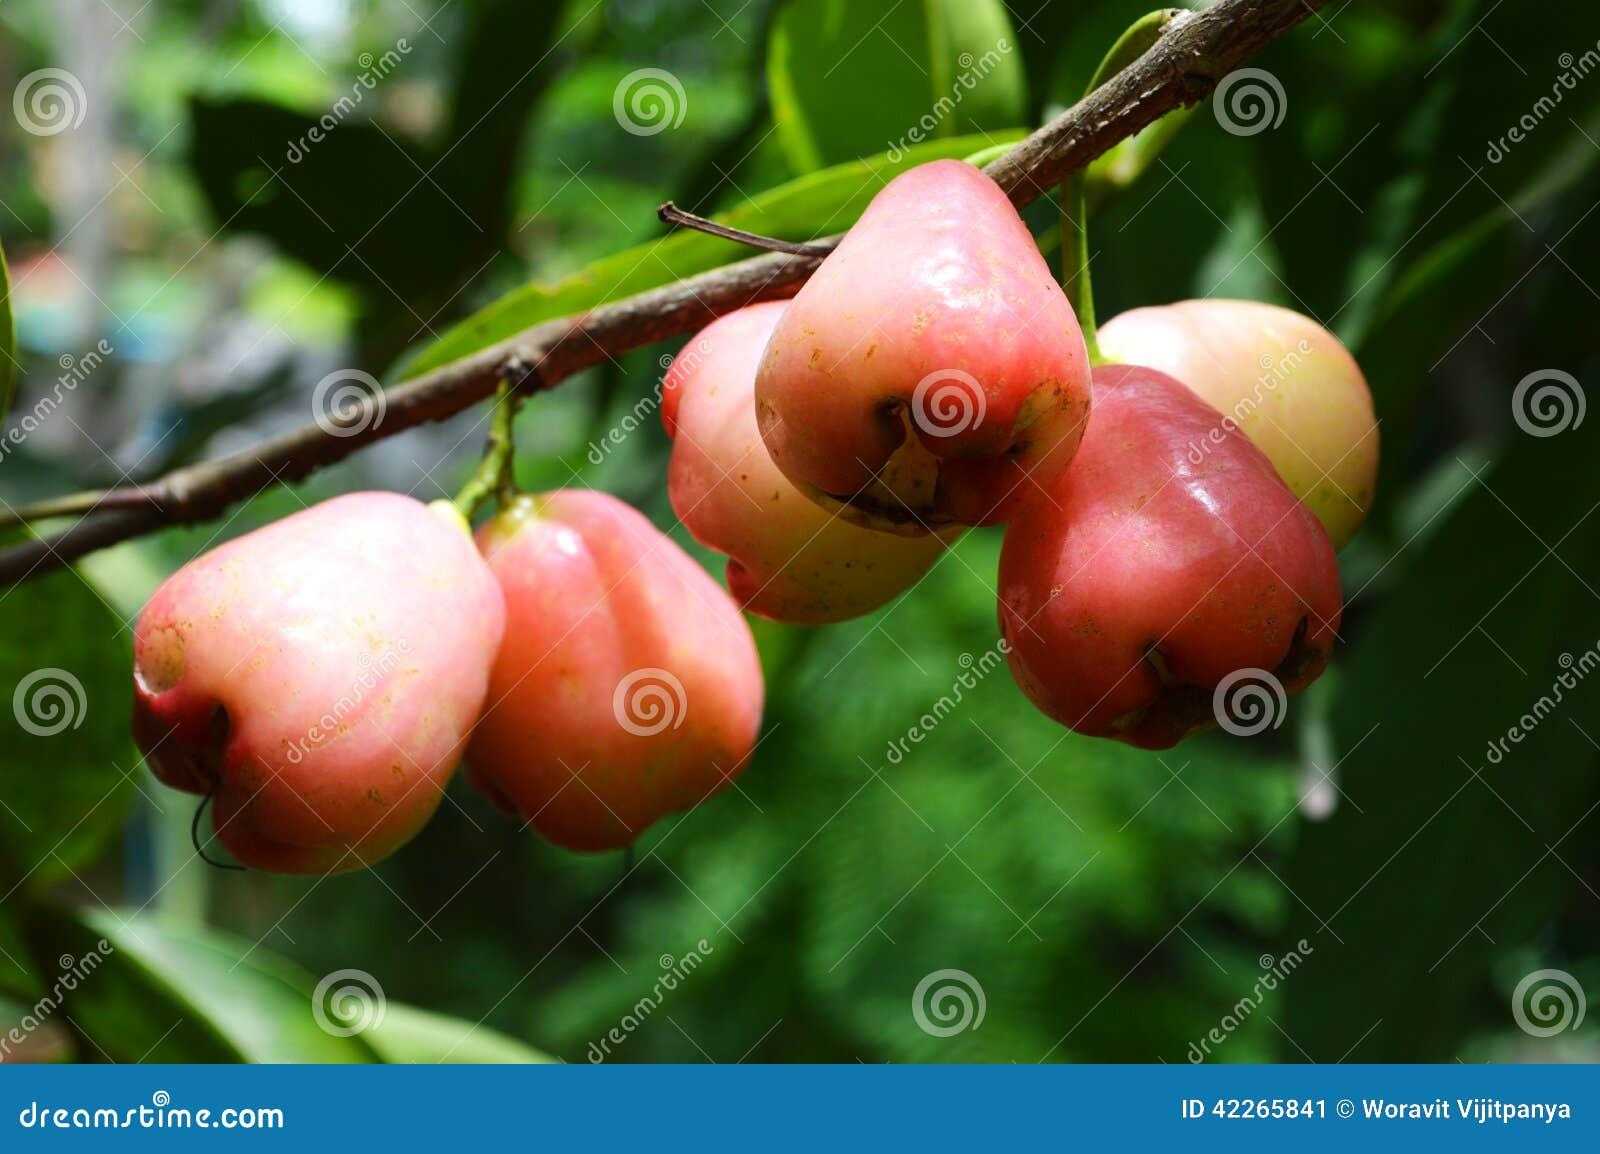 Rose apple on the tree